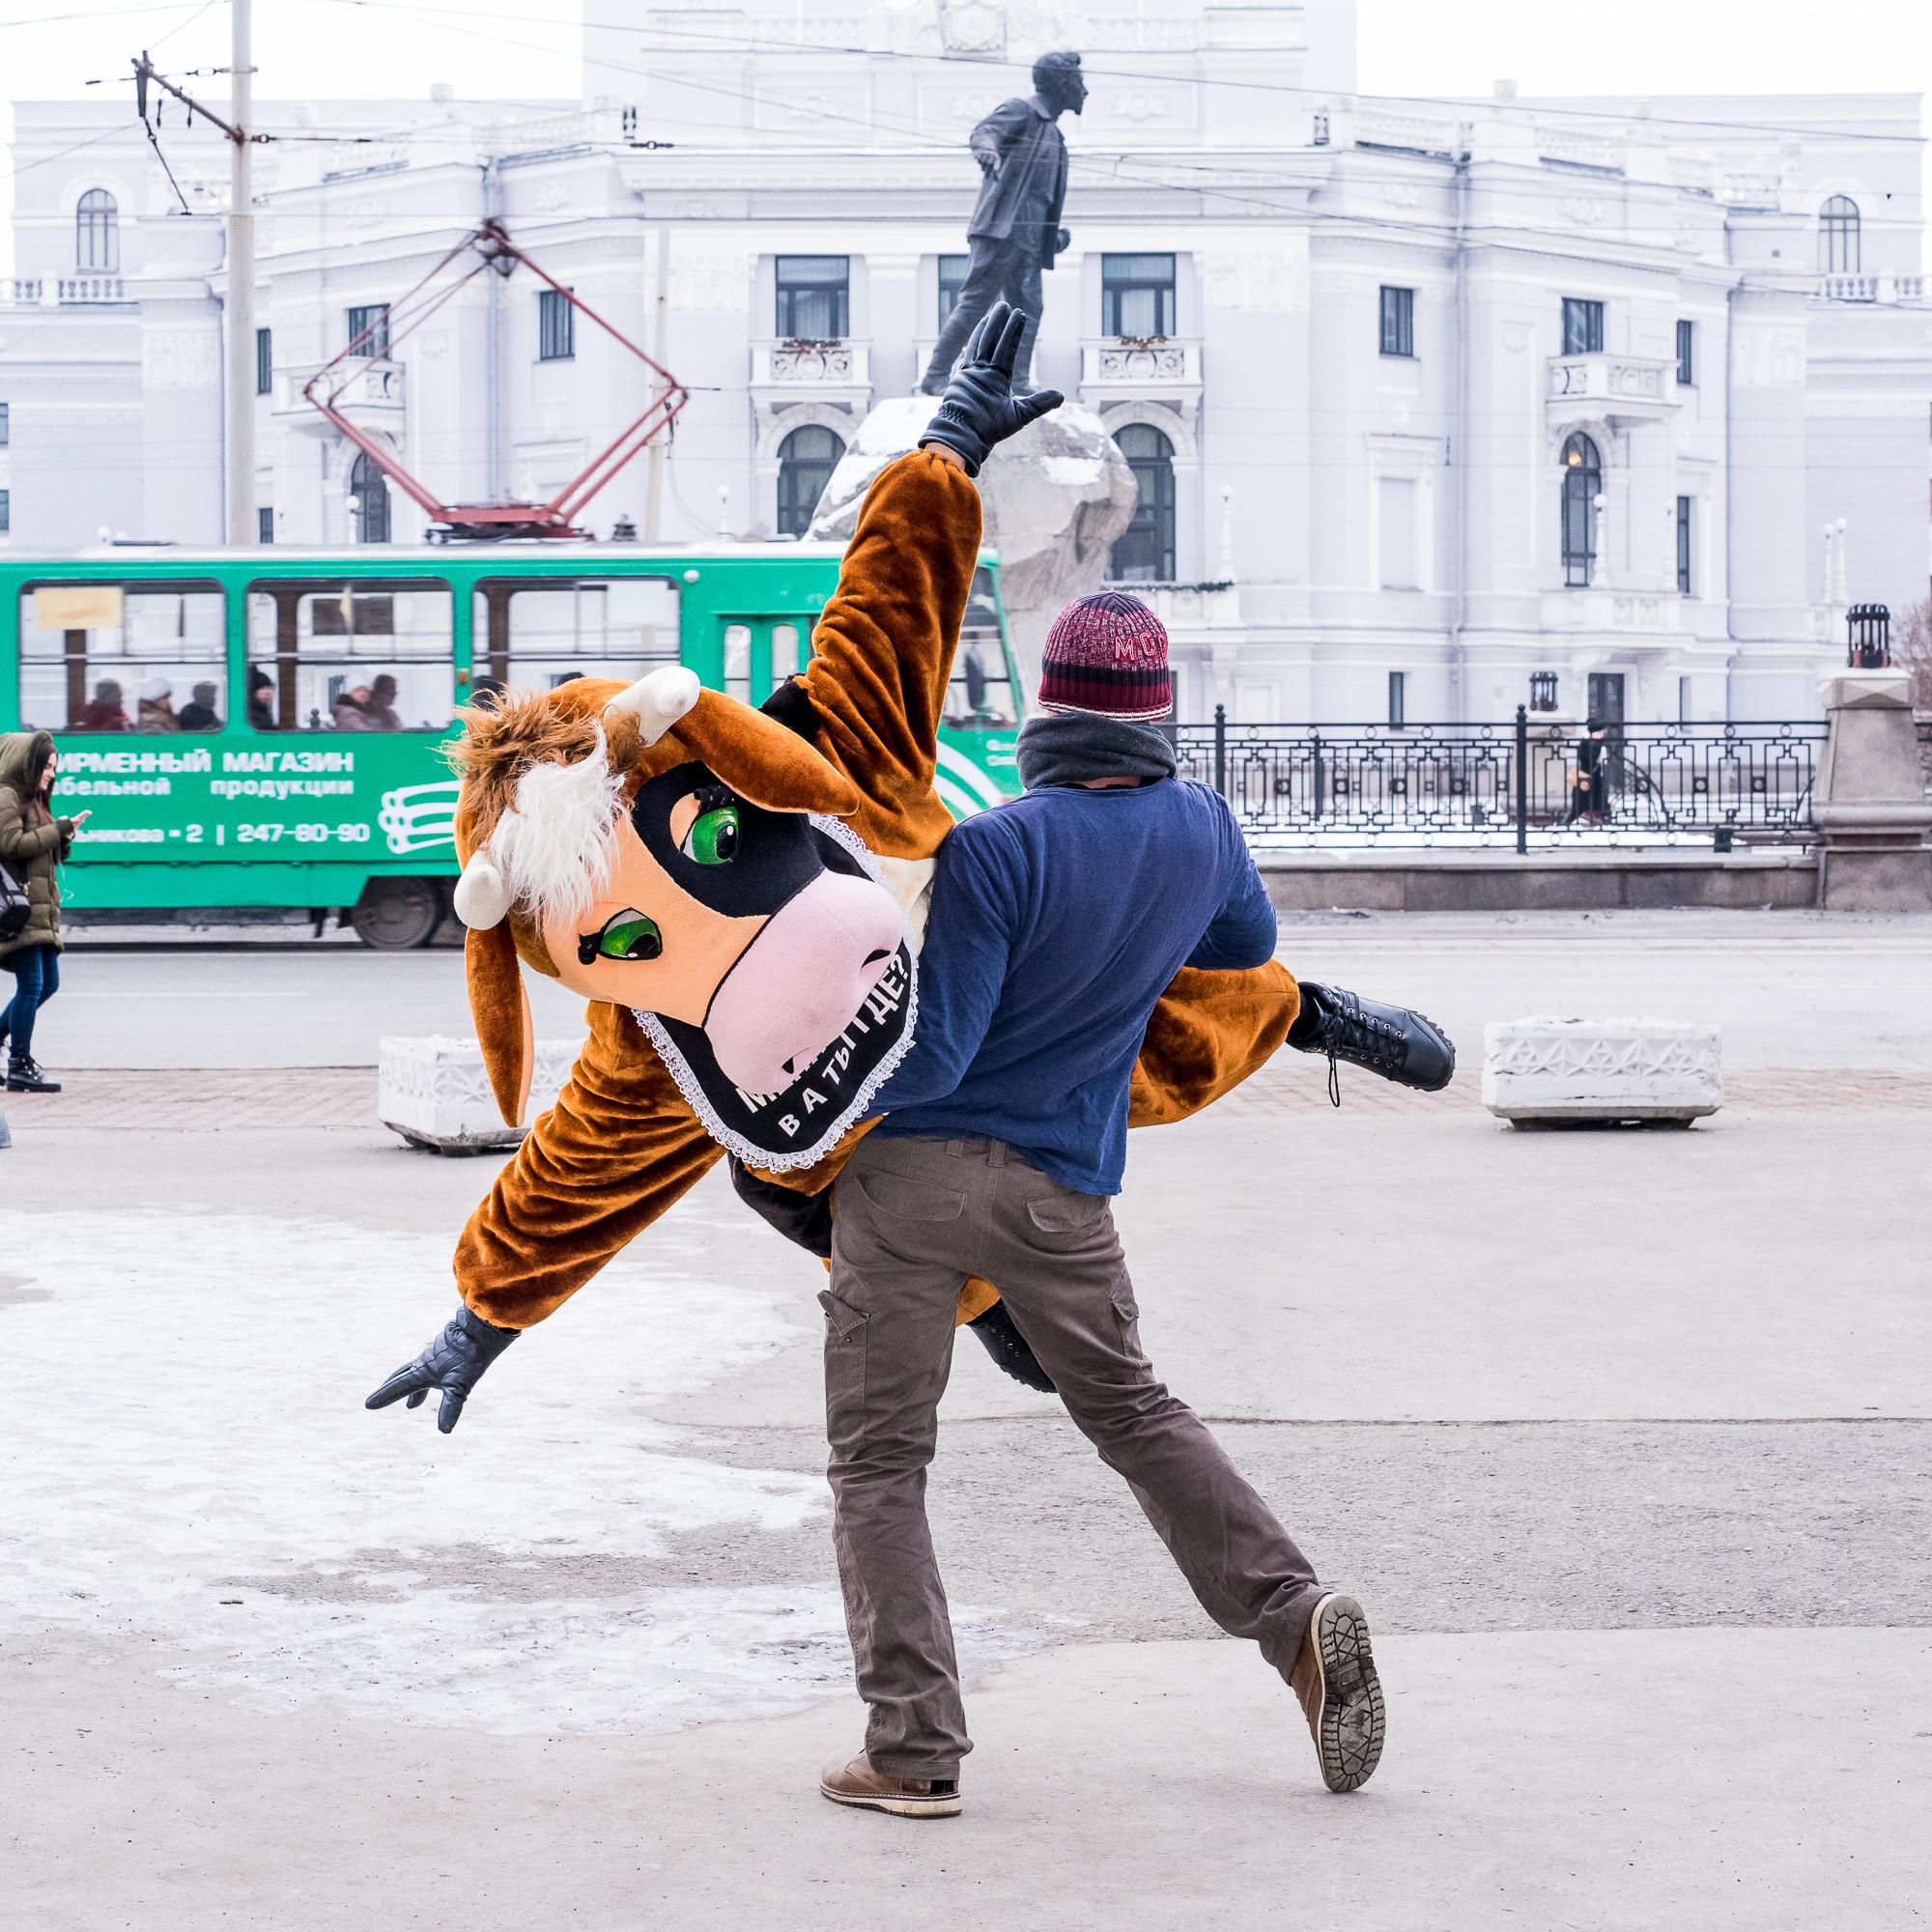 Yekaterinburg_Russia_-10°C